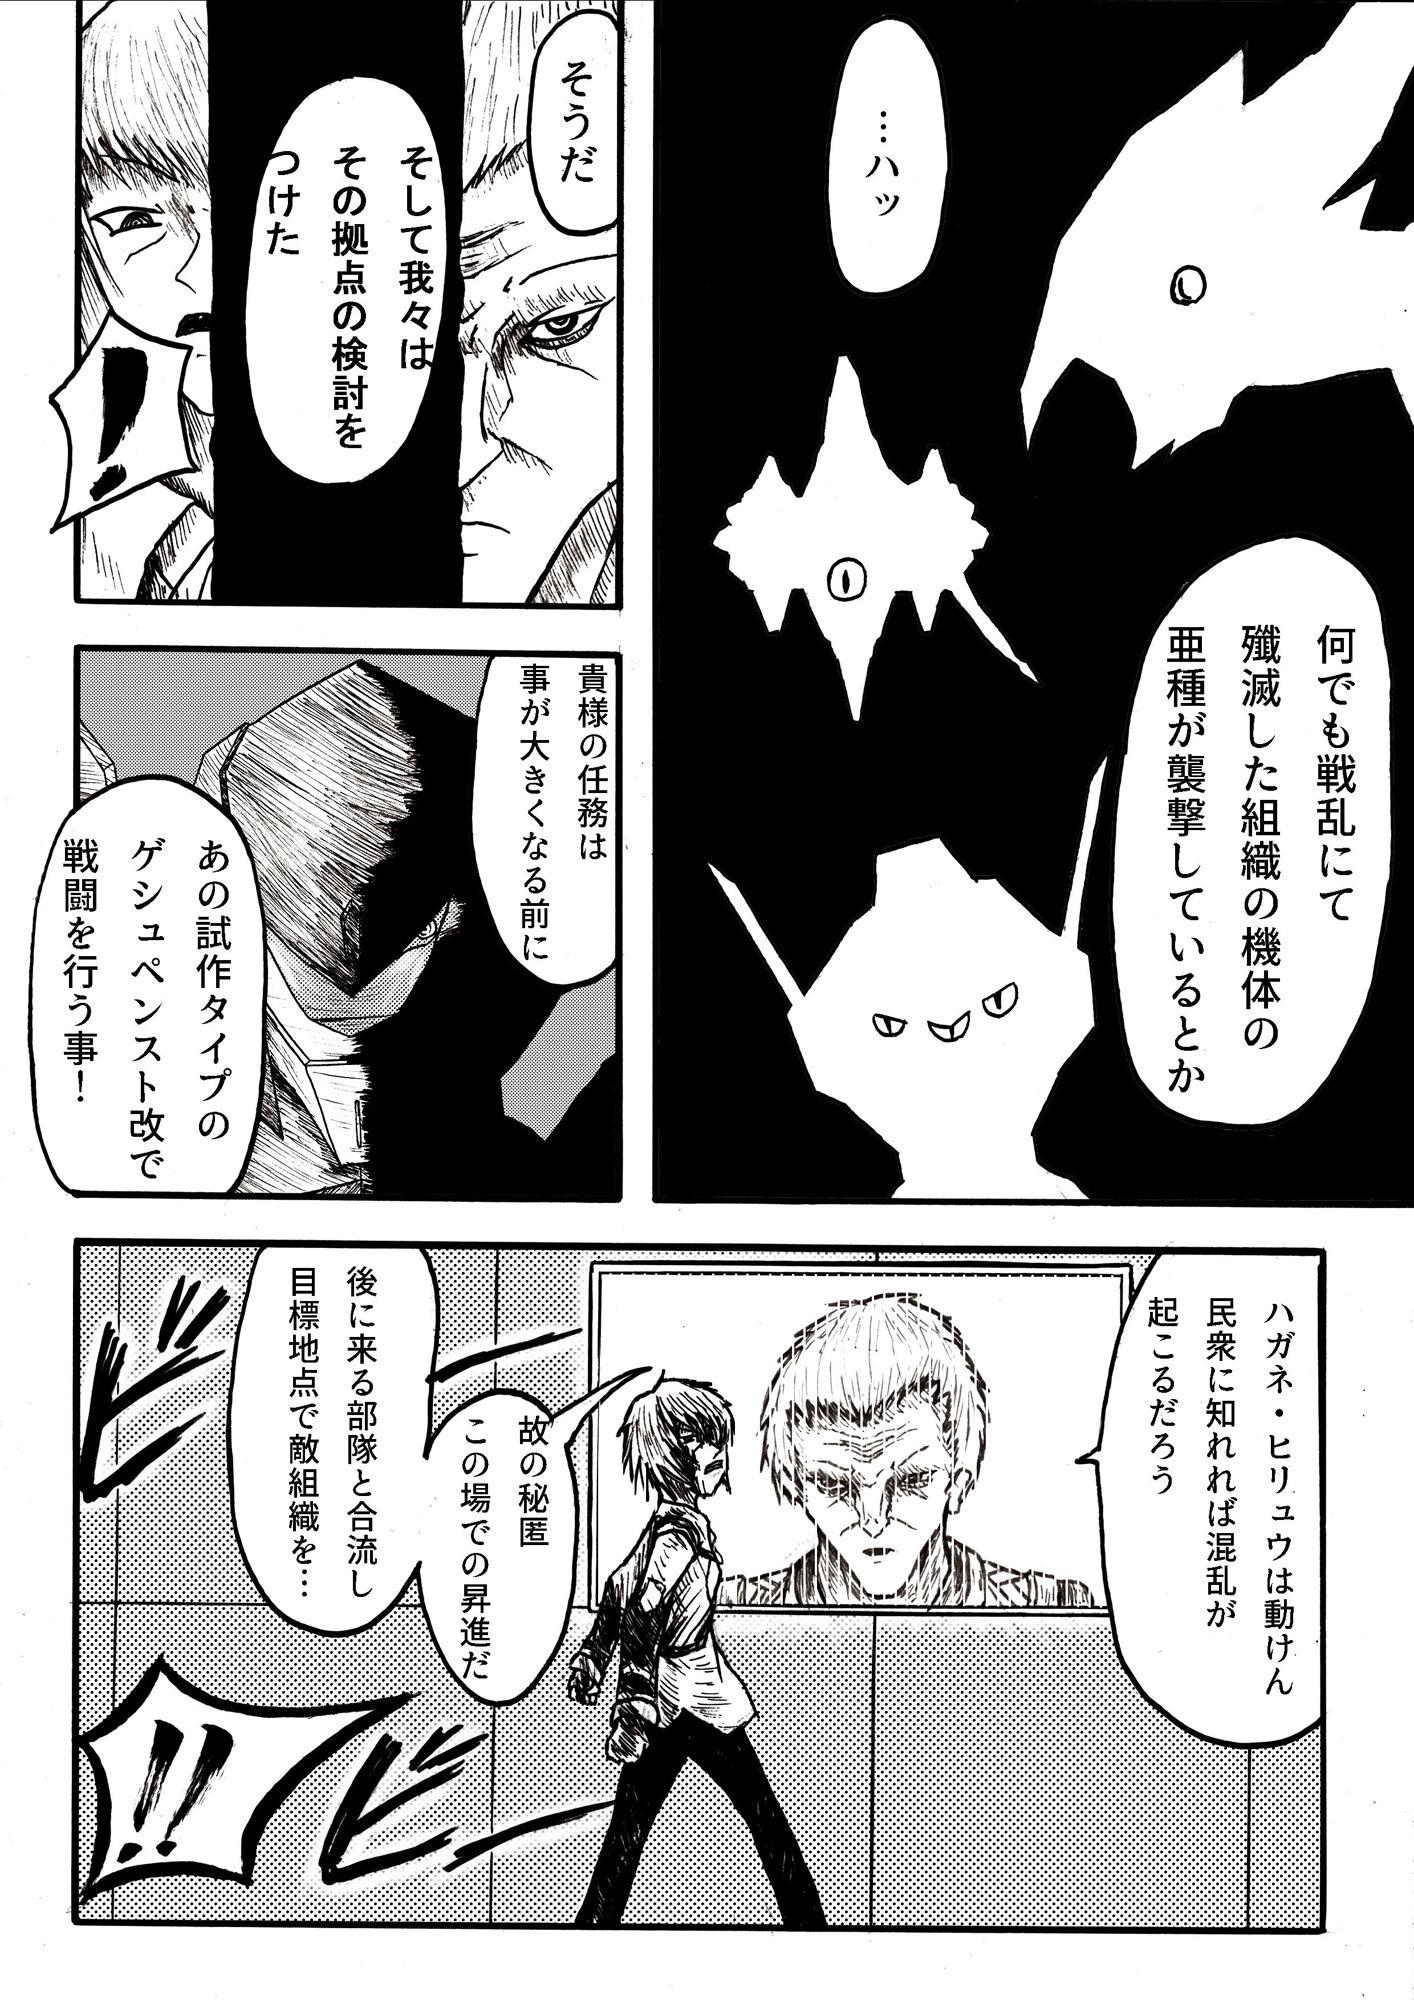 サンプル画像3:スーパーロボット大戦OG偽伝烈風!!機兵戦線 第1巻(HereticZone) [d_193866]